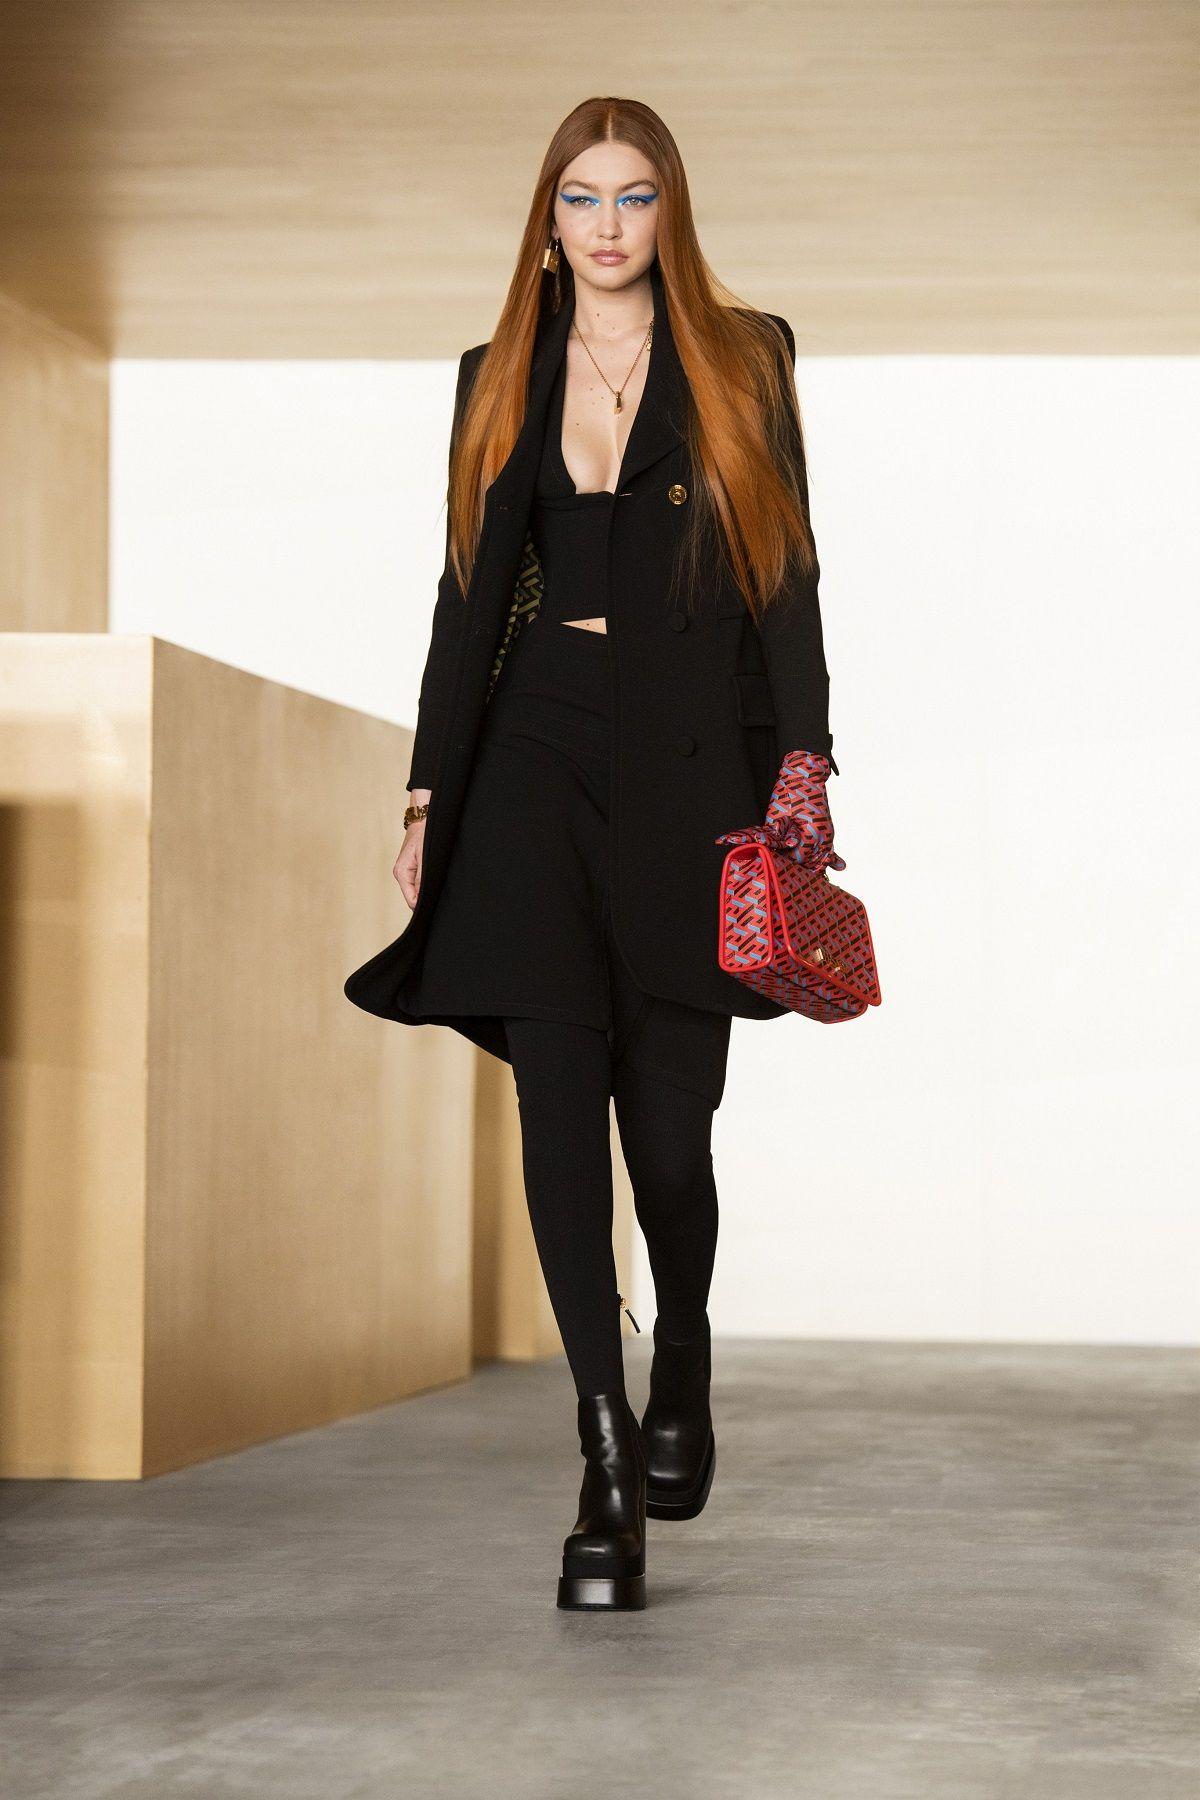 Versace FW 21